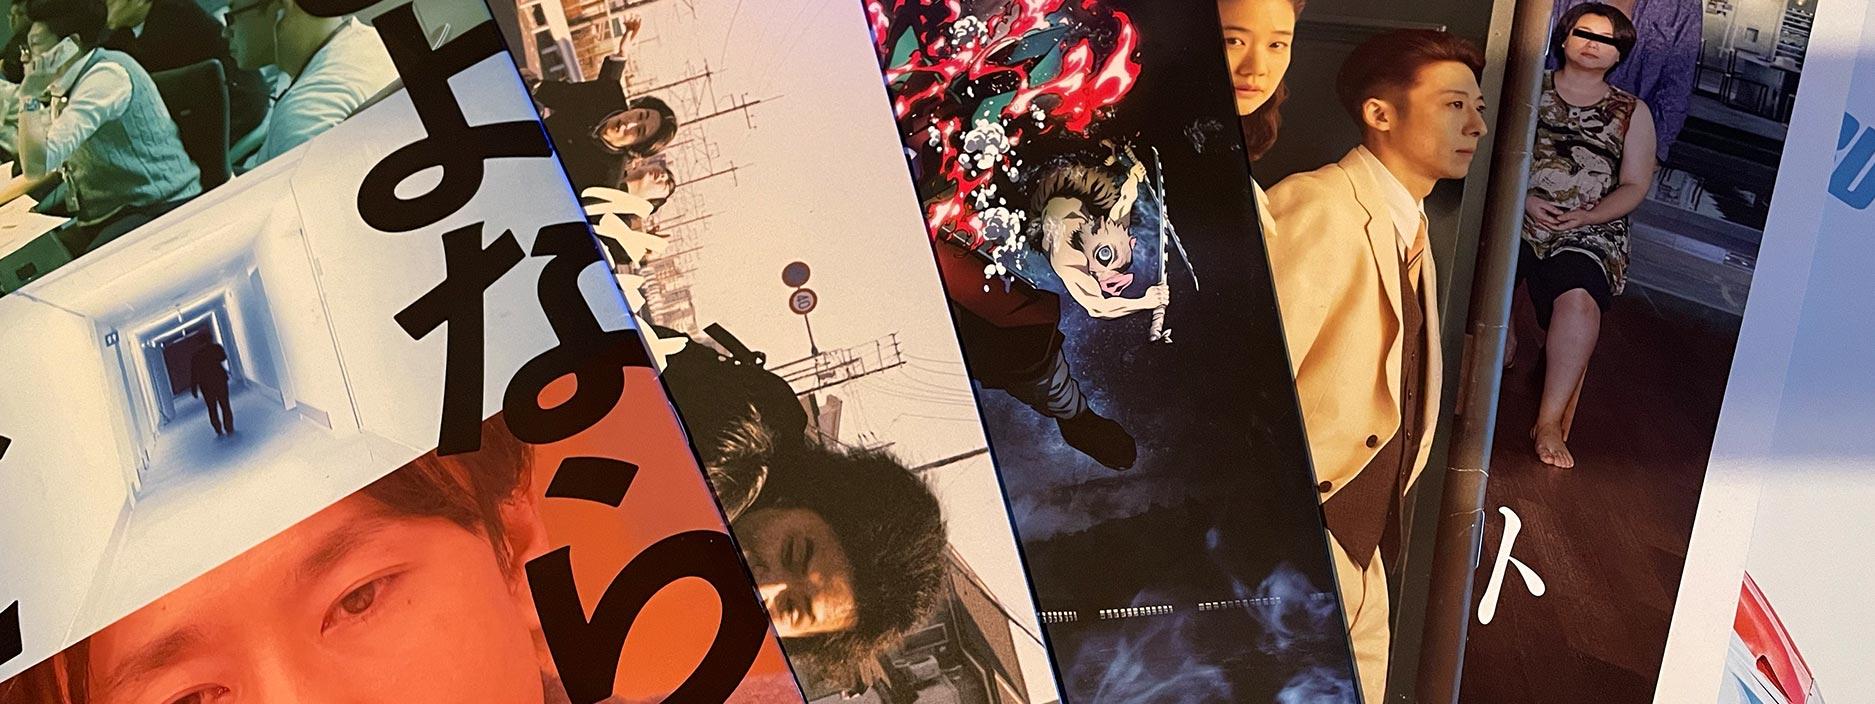 映画批評シネオジ・2020年シネマランキング by イサヤマ